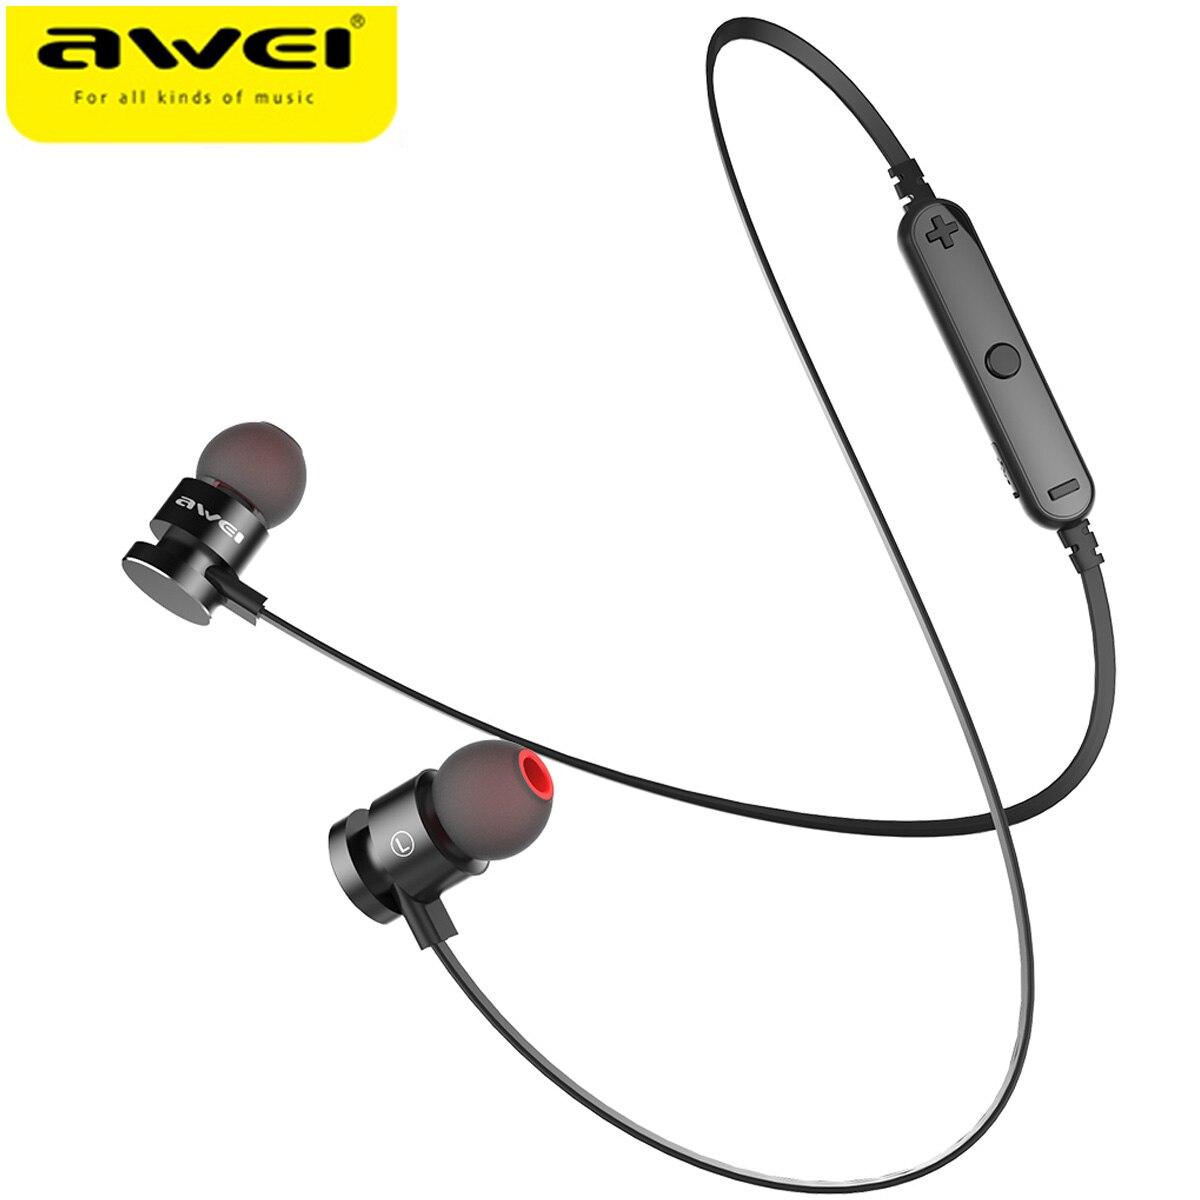 Più nuovo AWEI T11 Cuffia Senza Fili Bluetooth Cuffia Auricolare Per Il Telefono Neckband sport auricolare Auriculare CSR Bluetooth V4.2